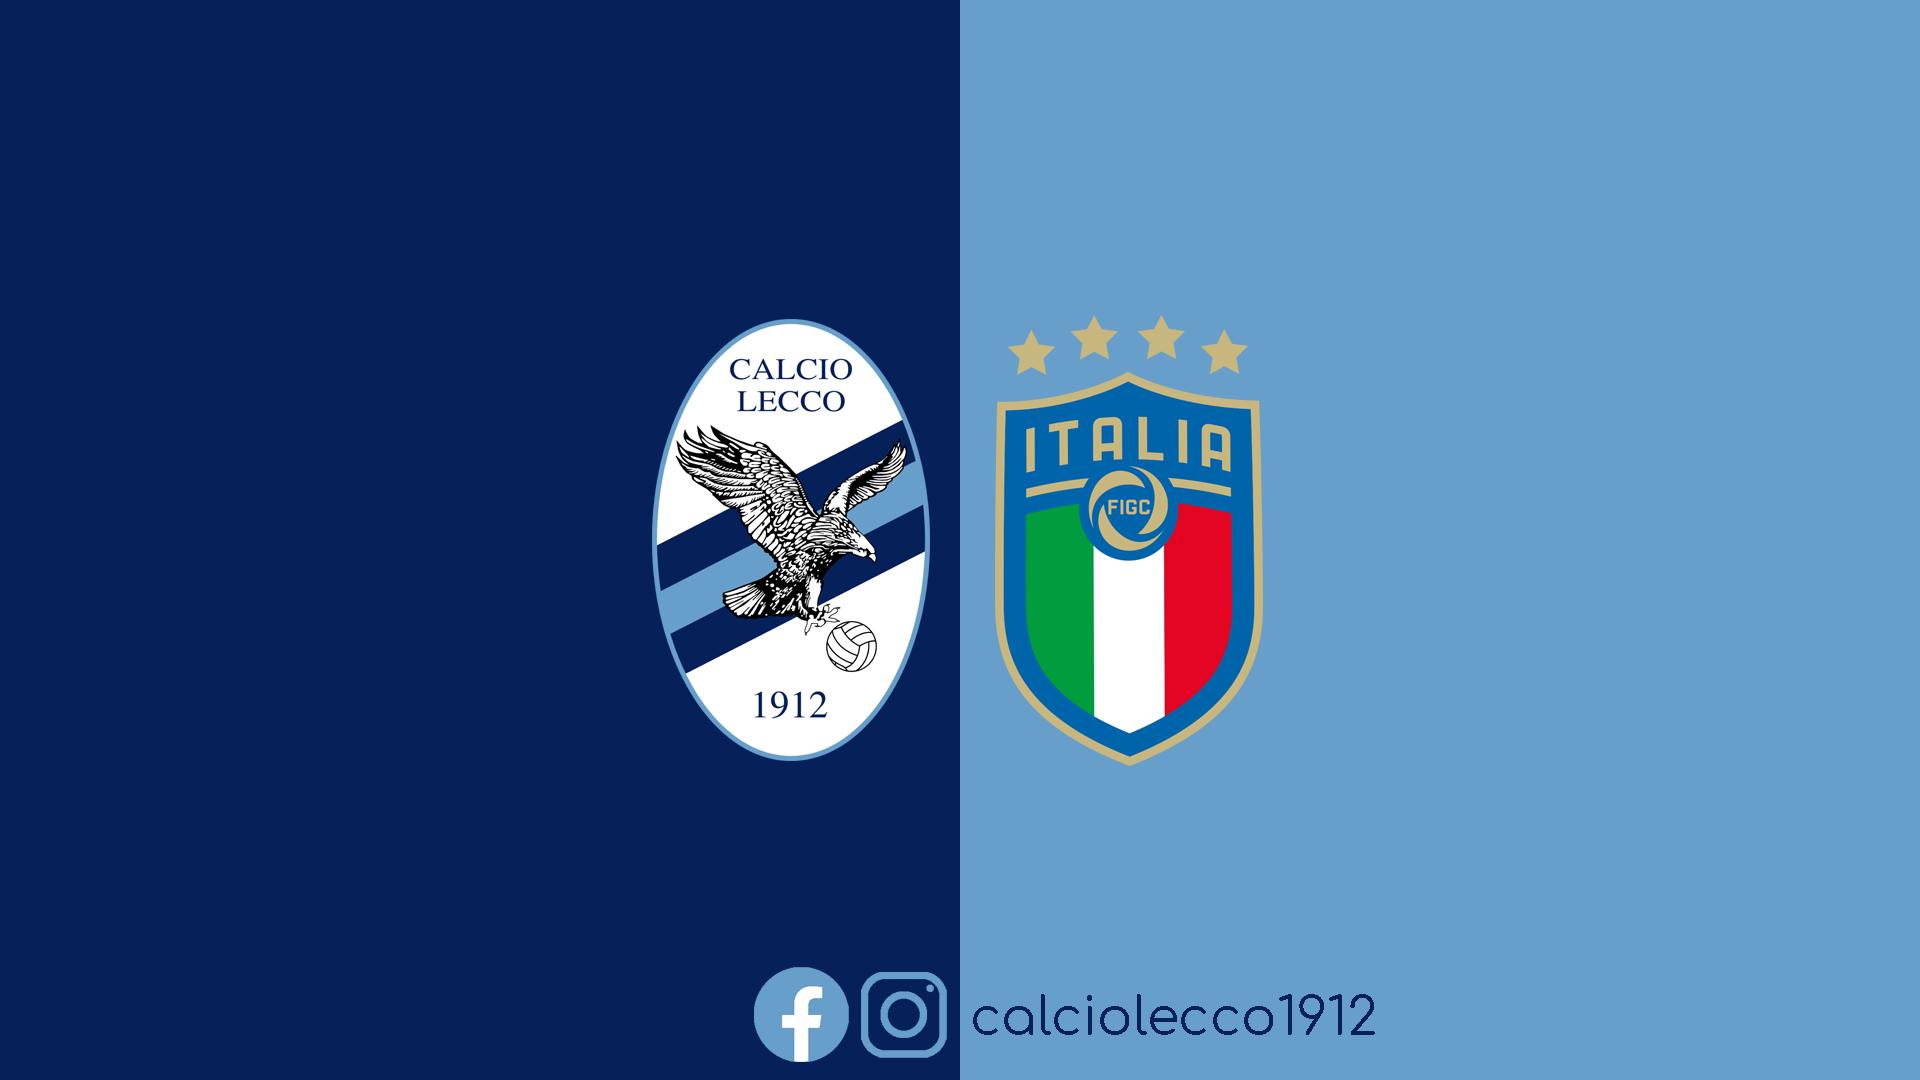 Calendario Giovanissimi Regionali.Calcio Lecco 1912 Calendario Giovanissimi Under 14 E 13